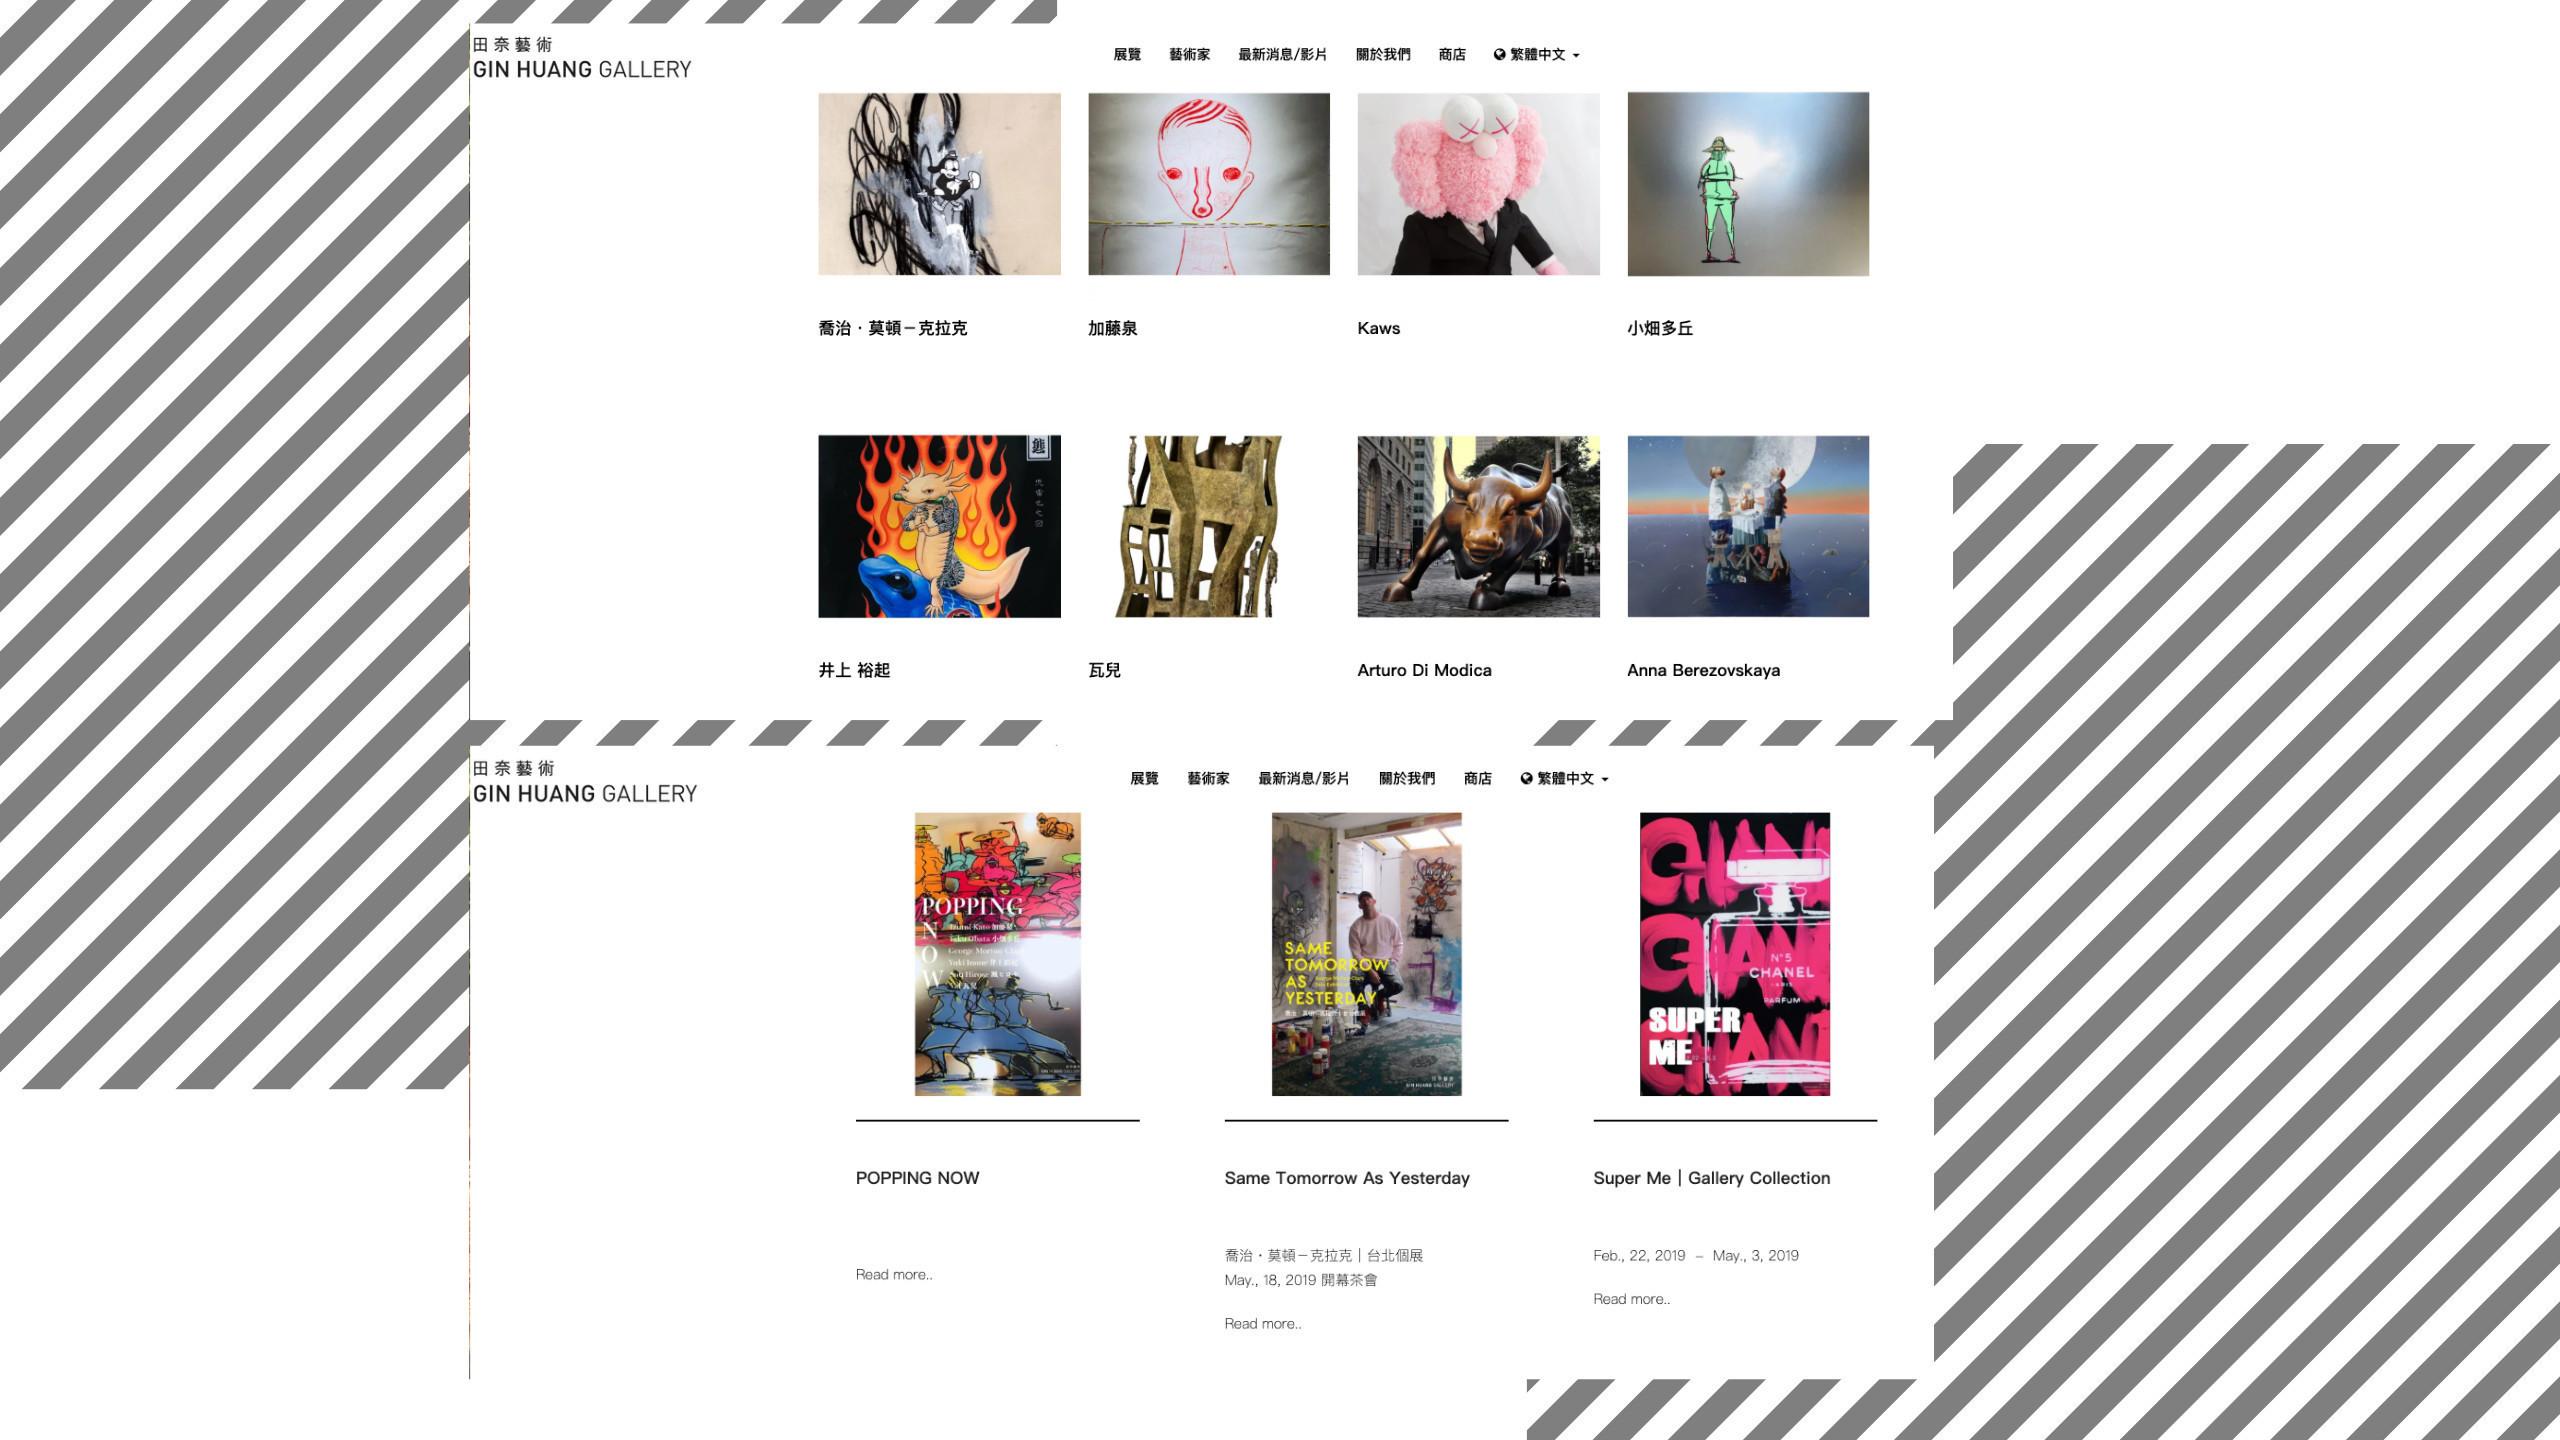 田奈藝術 展覽及藝術家選單